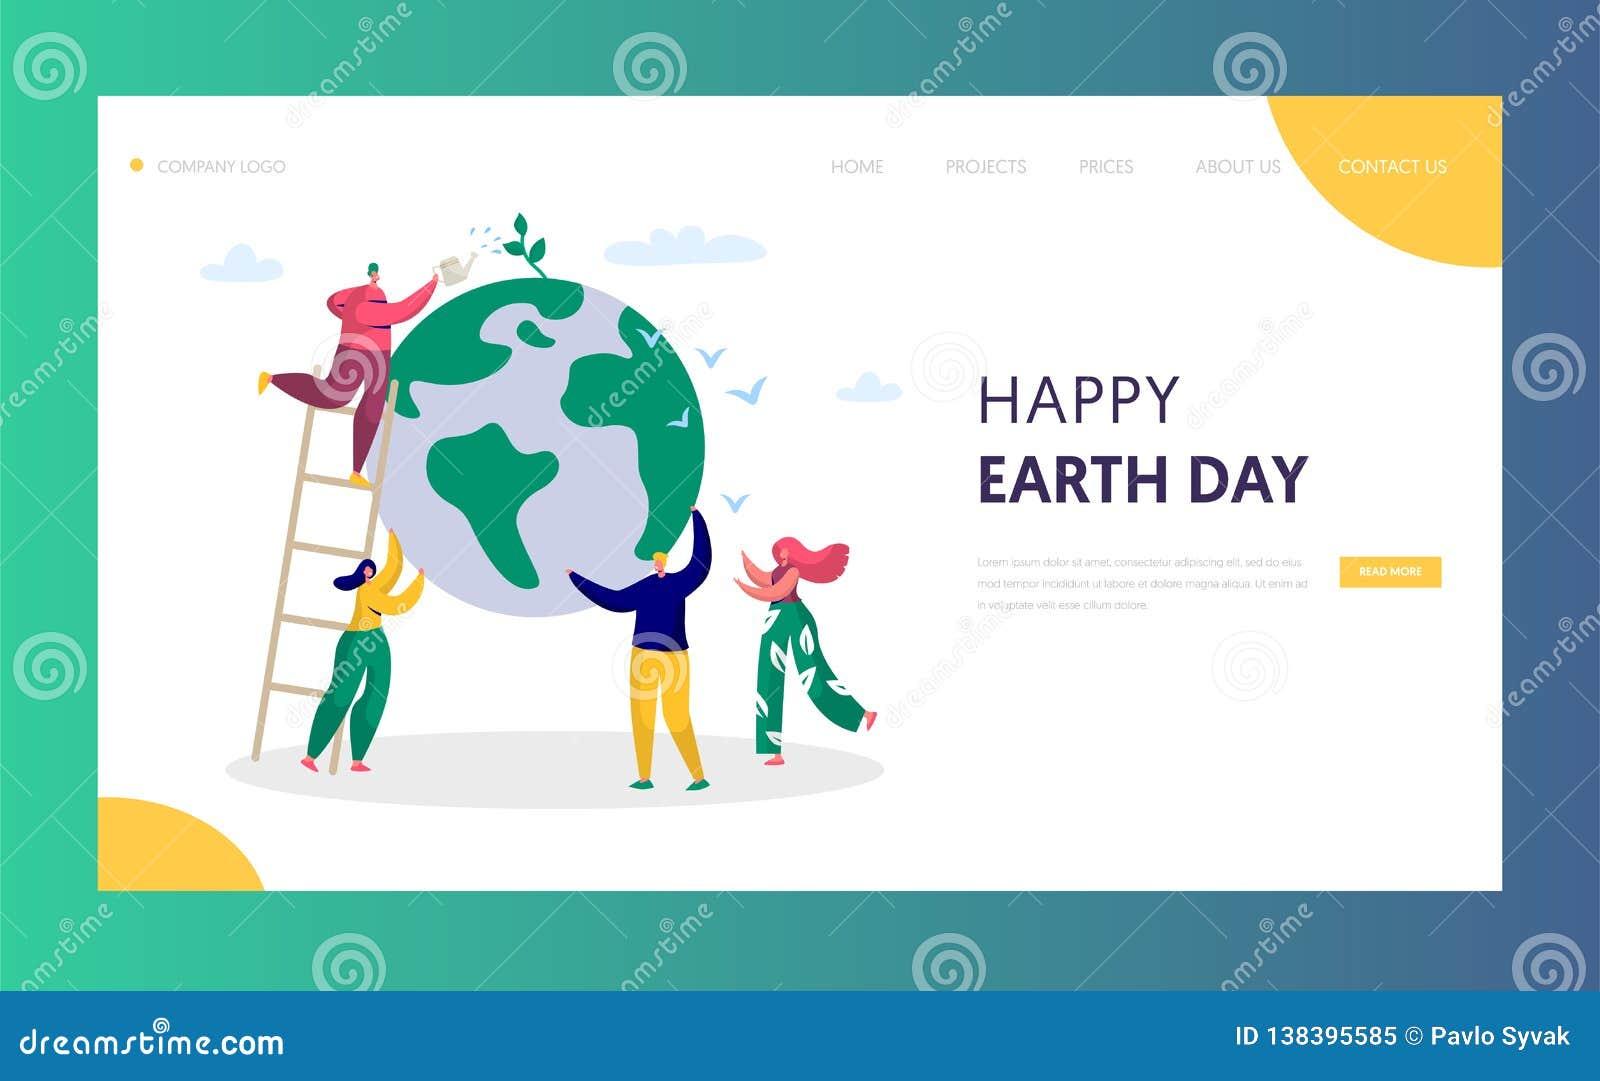 Tag der Erde-Mann-Abwehr-Grün-Planeten-Umwelt-Landungsseiten-Leute der Weltwasserpflanze für Ökologie-Feier-Vorbereitung